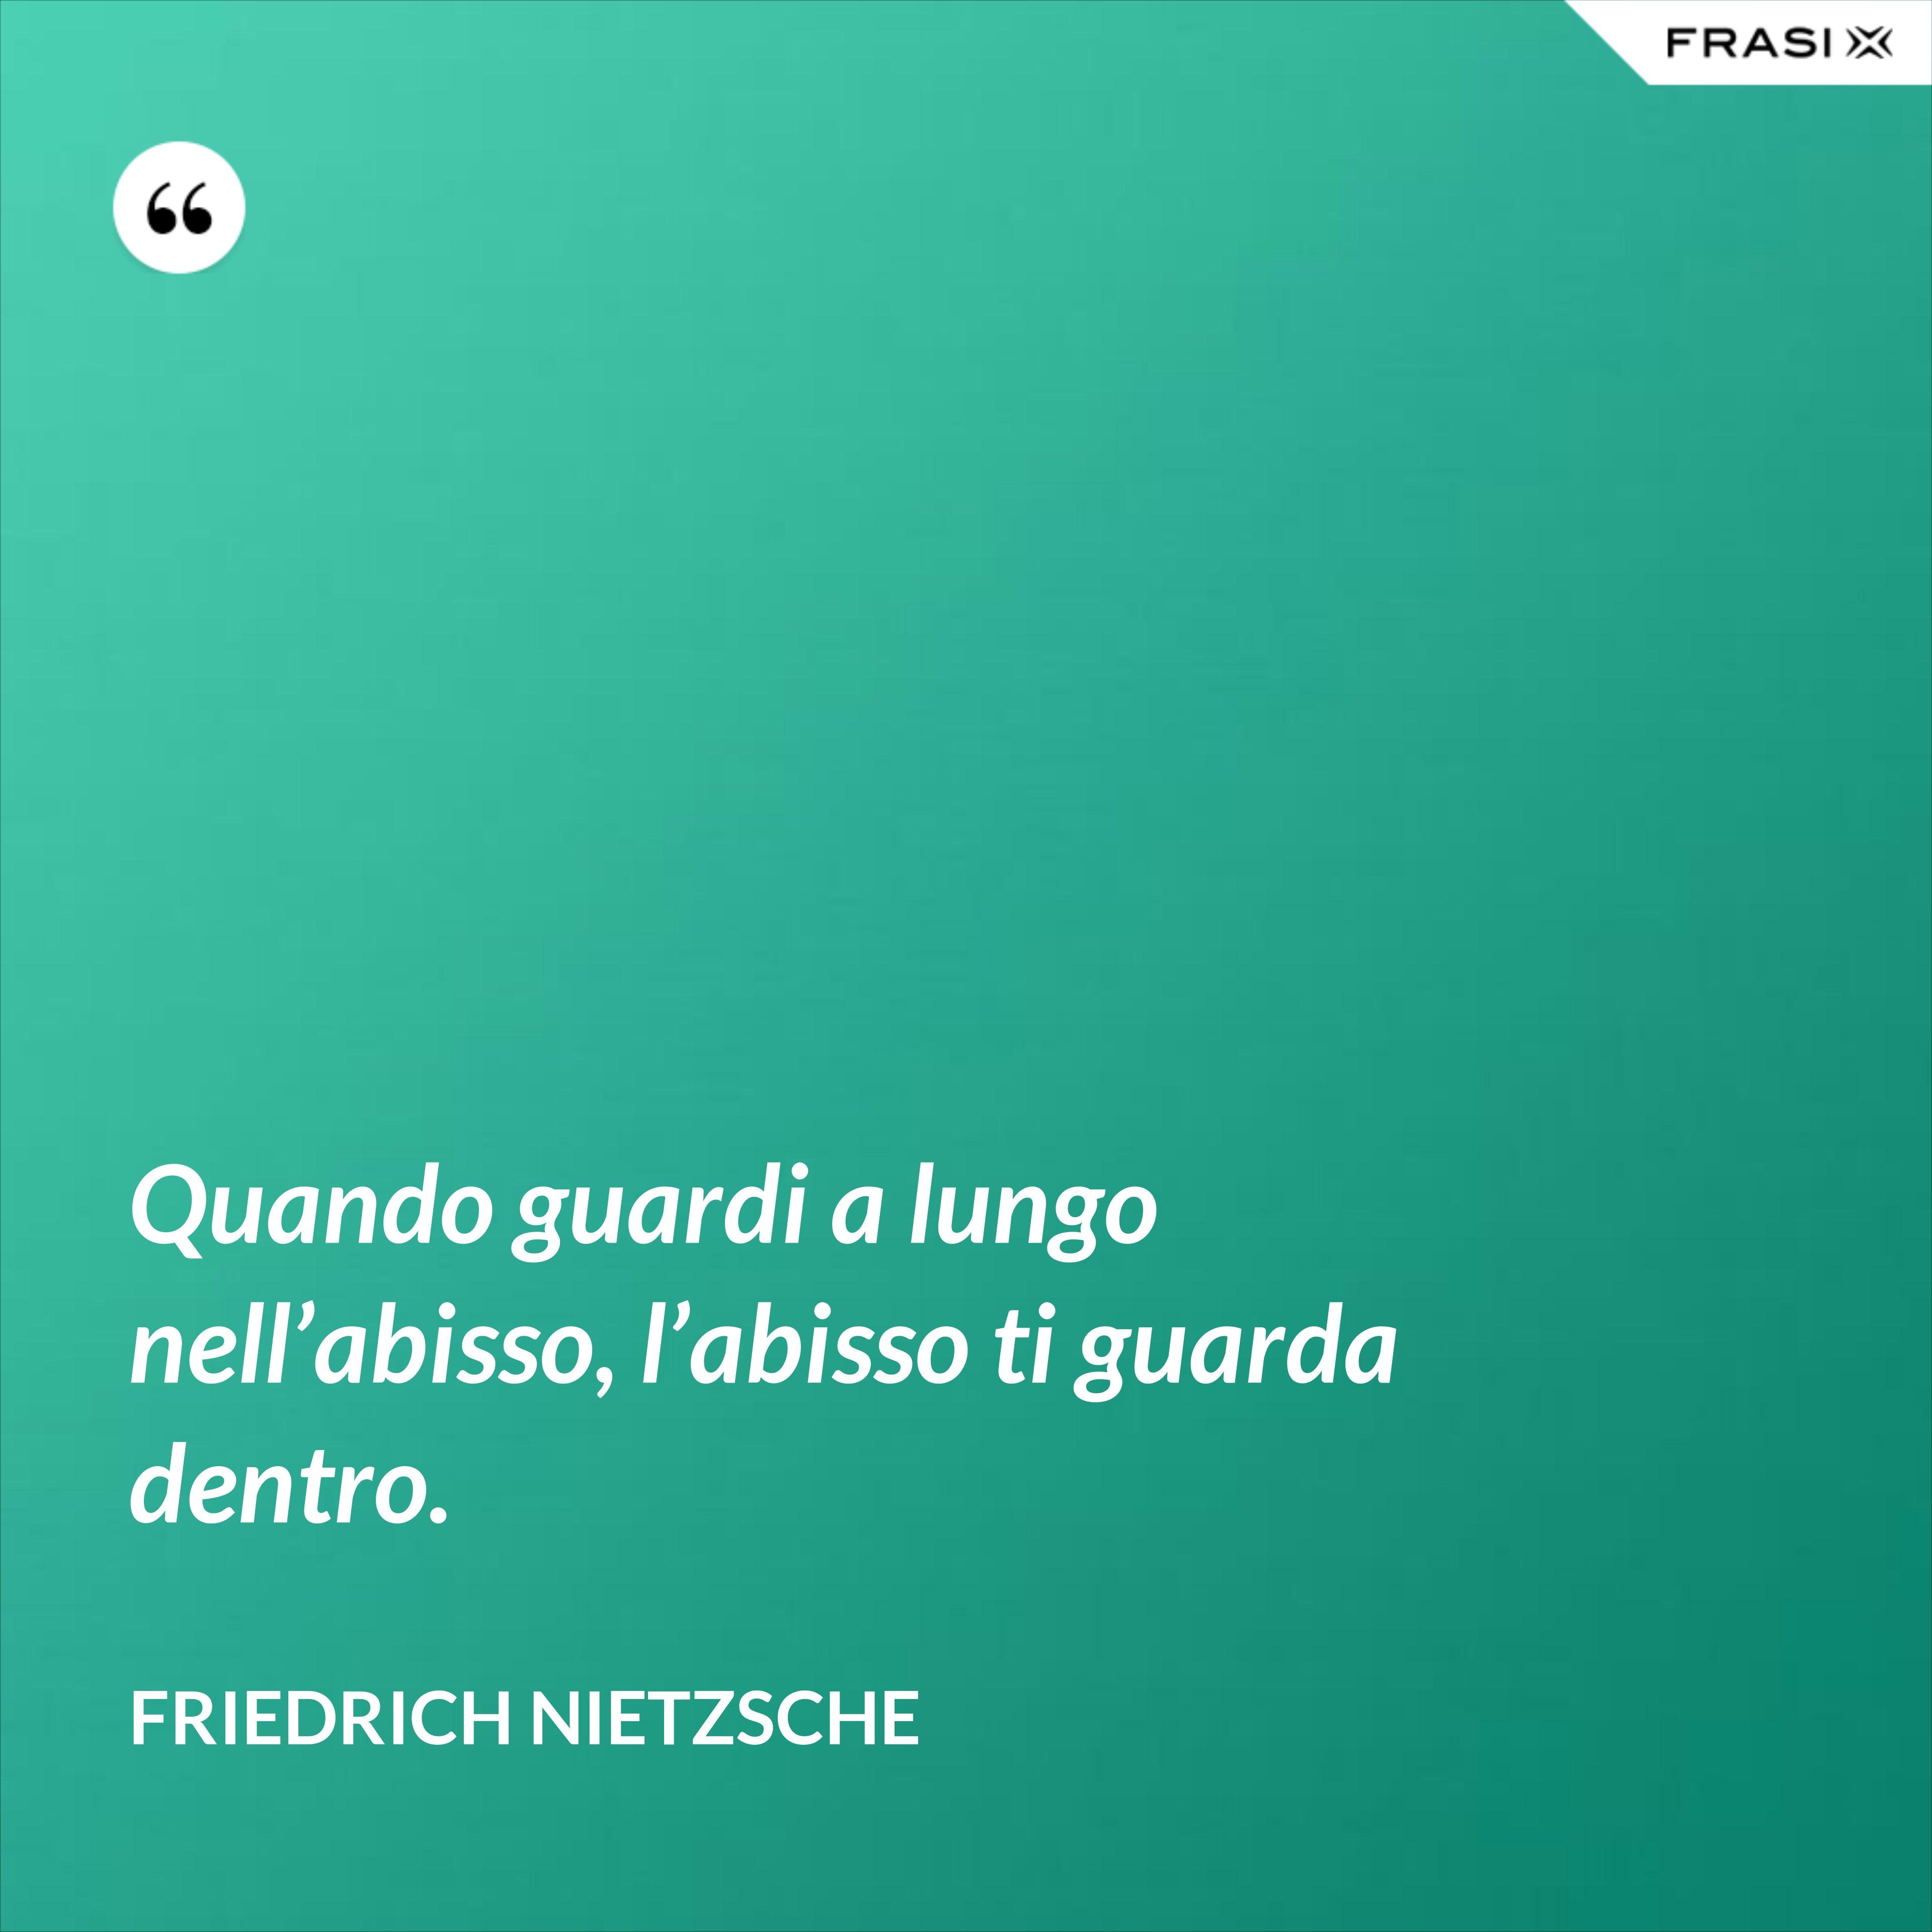 Quando guardi a lungo nell'abisso, l'abisso ti guarda dentro. - Friedrich Nietzsche